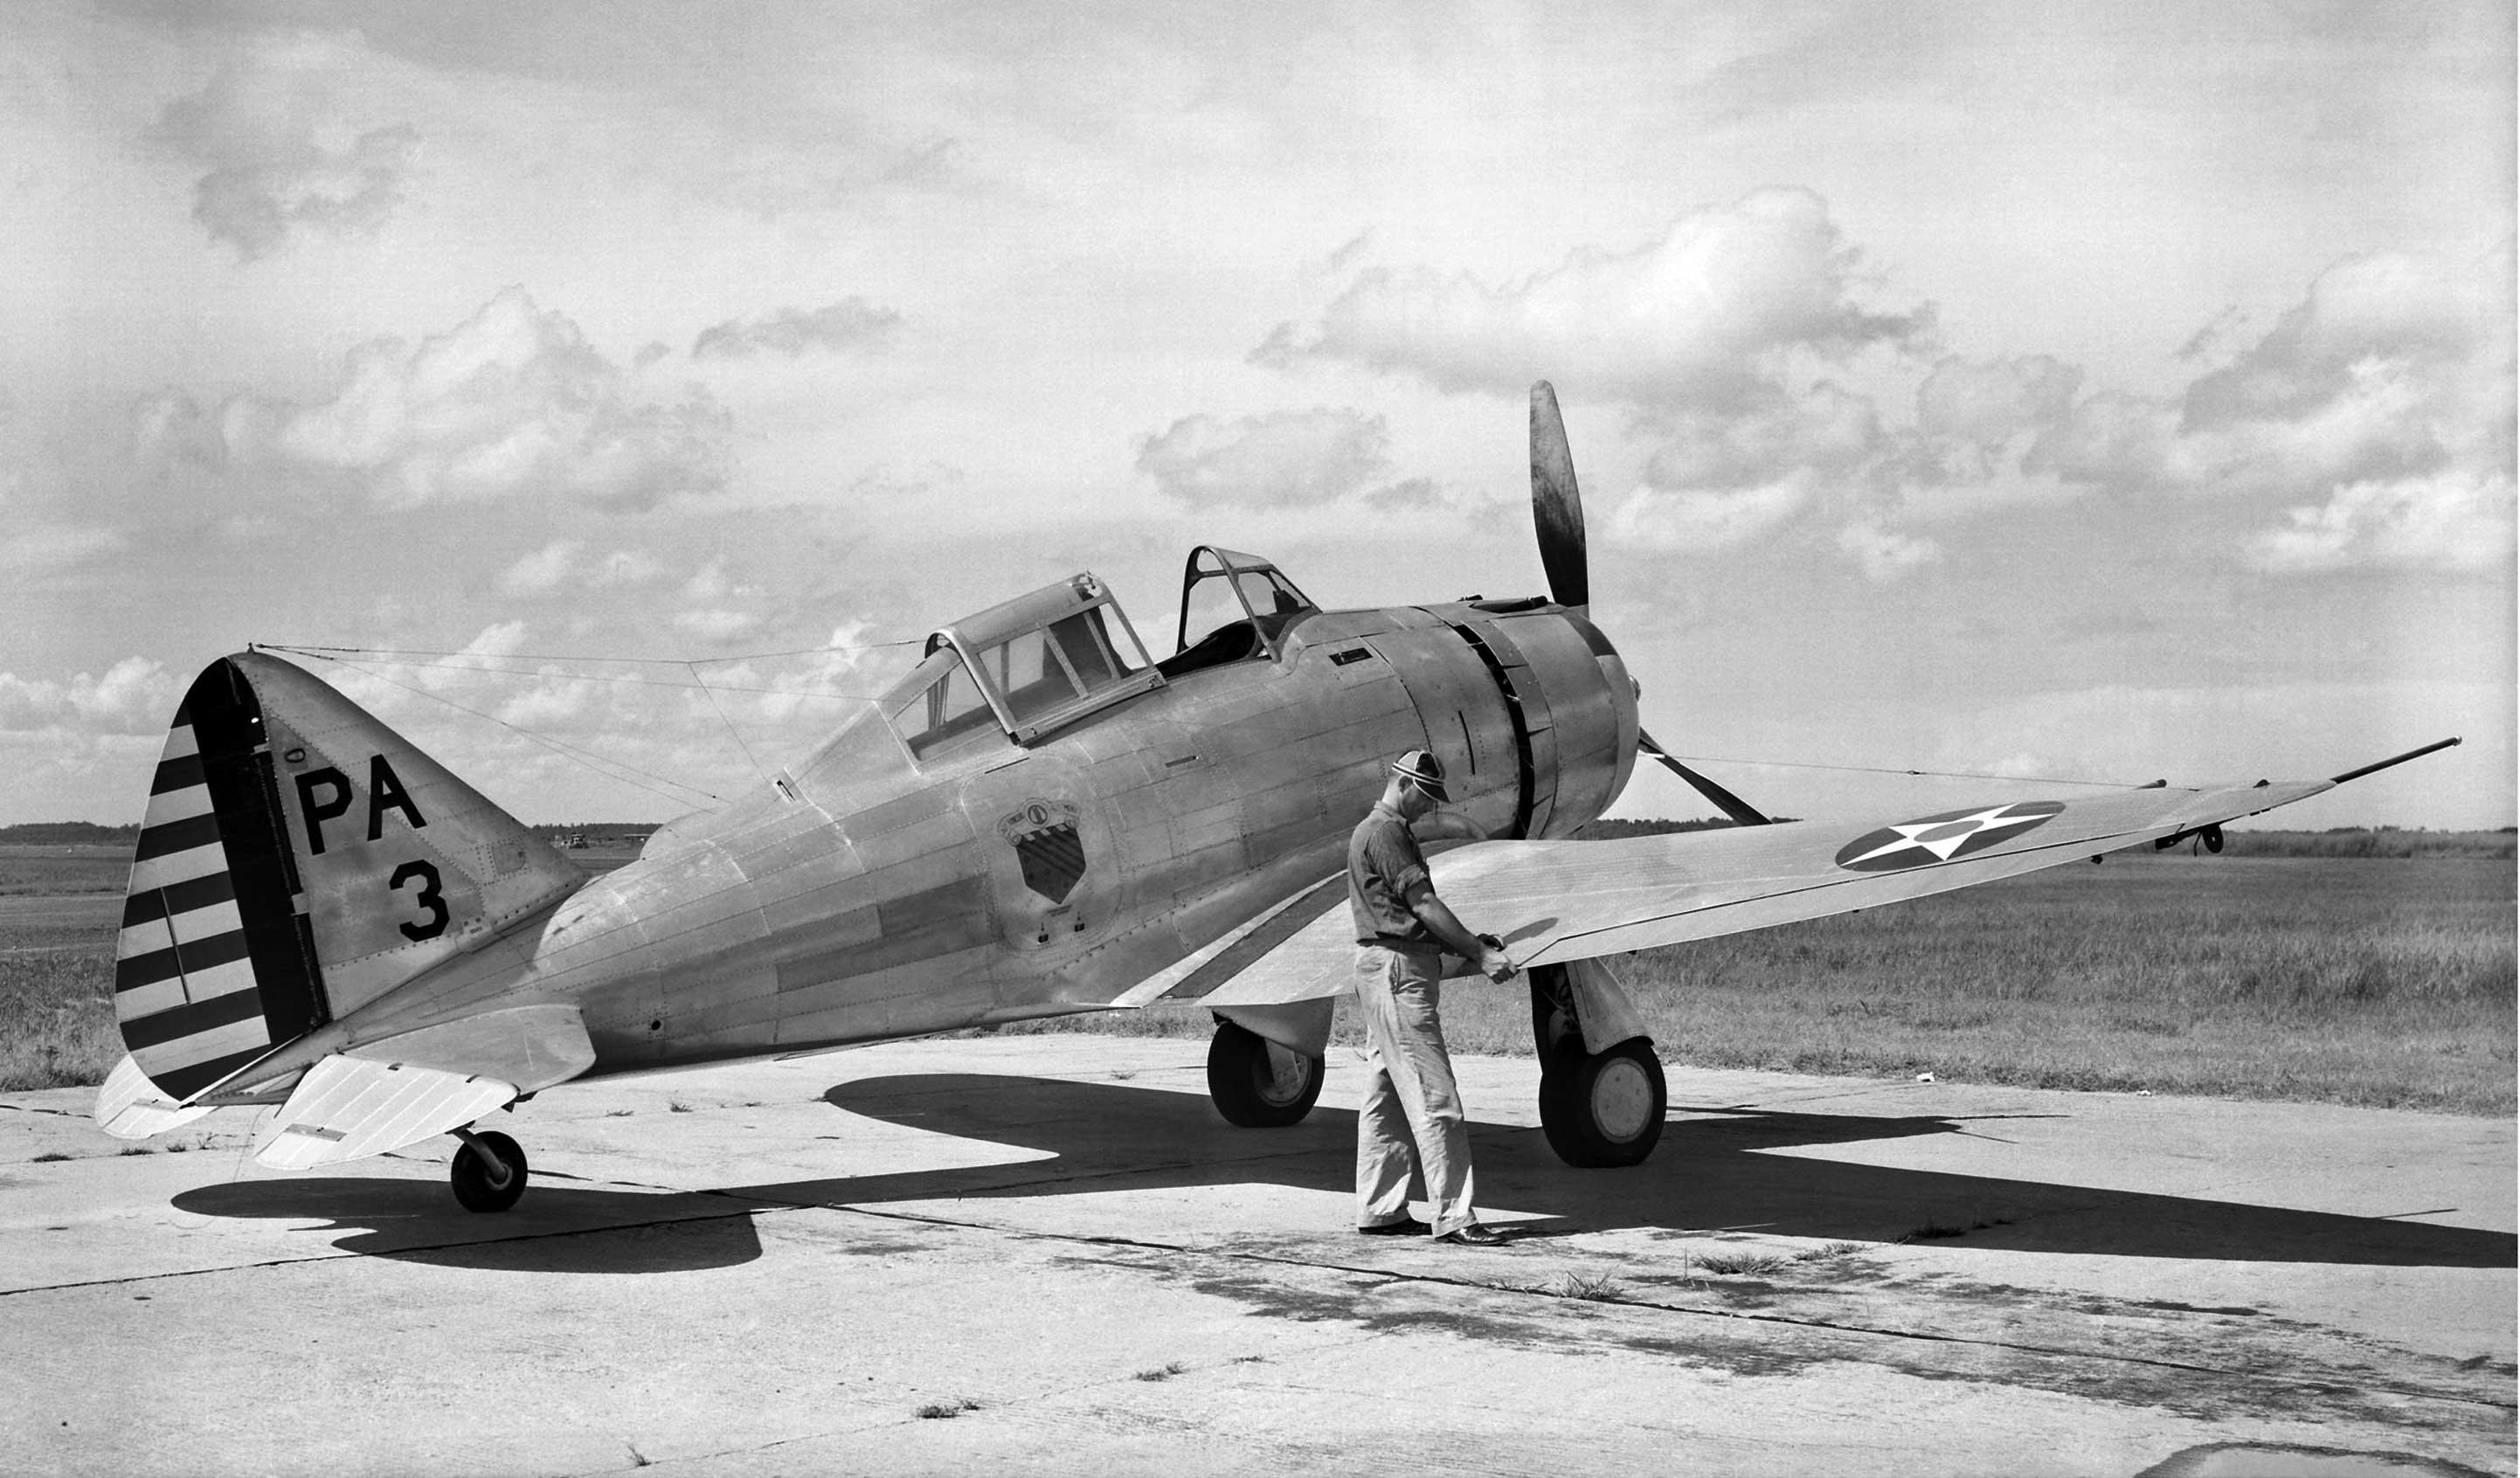 Samolot myśliwski P-35 nr 3 (s/n 36-397) z 1st Pursuit Group podczas prób w NACA wiosną 1939 r. P-35 był pierwszym seryjnym amerykańskim myśliwcem w układzie wolnonośnego dolnopłata o całkowicie metalowej konstrukcji, z zakrytą kabiną i chowanym podwoziem.